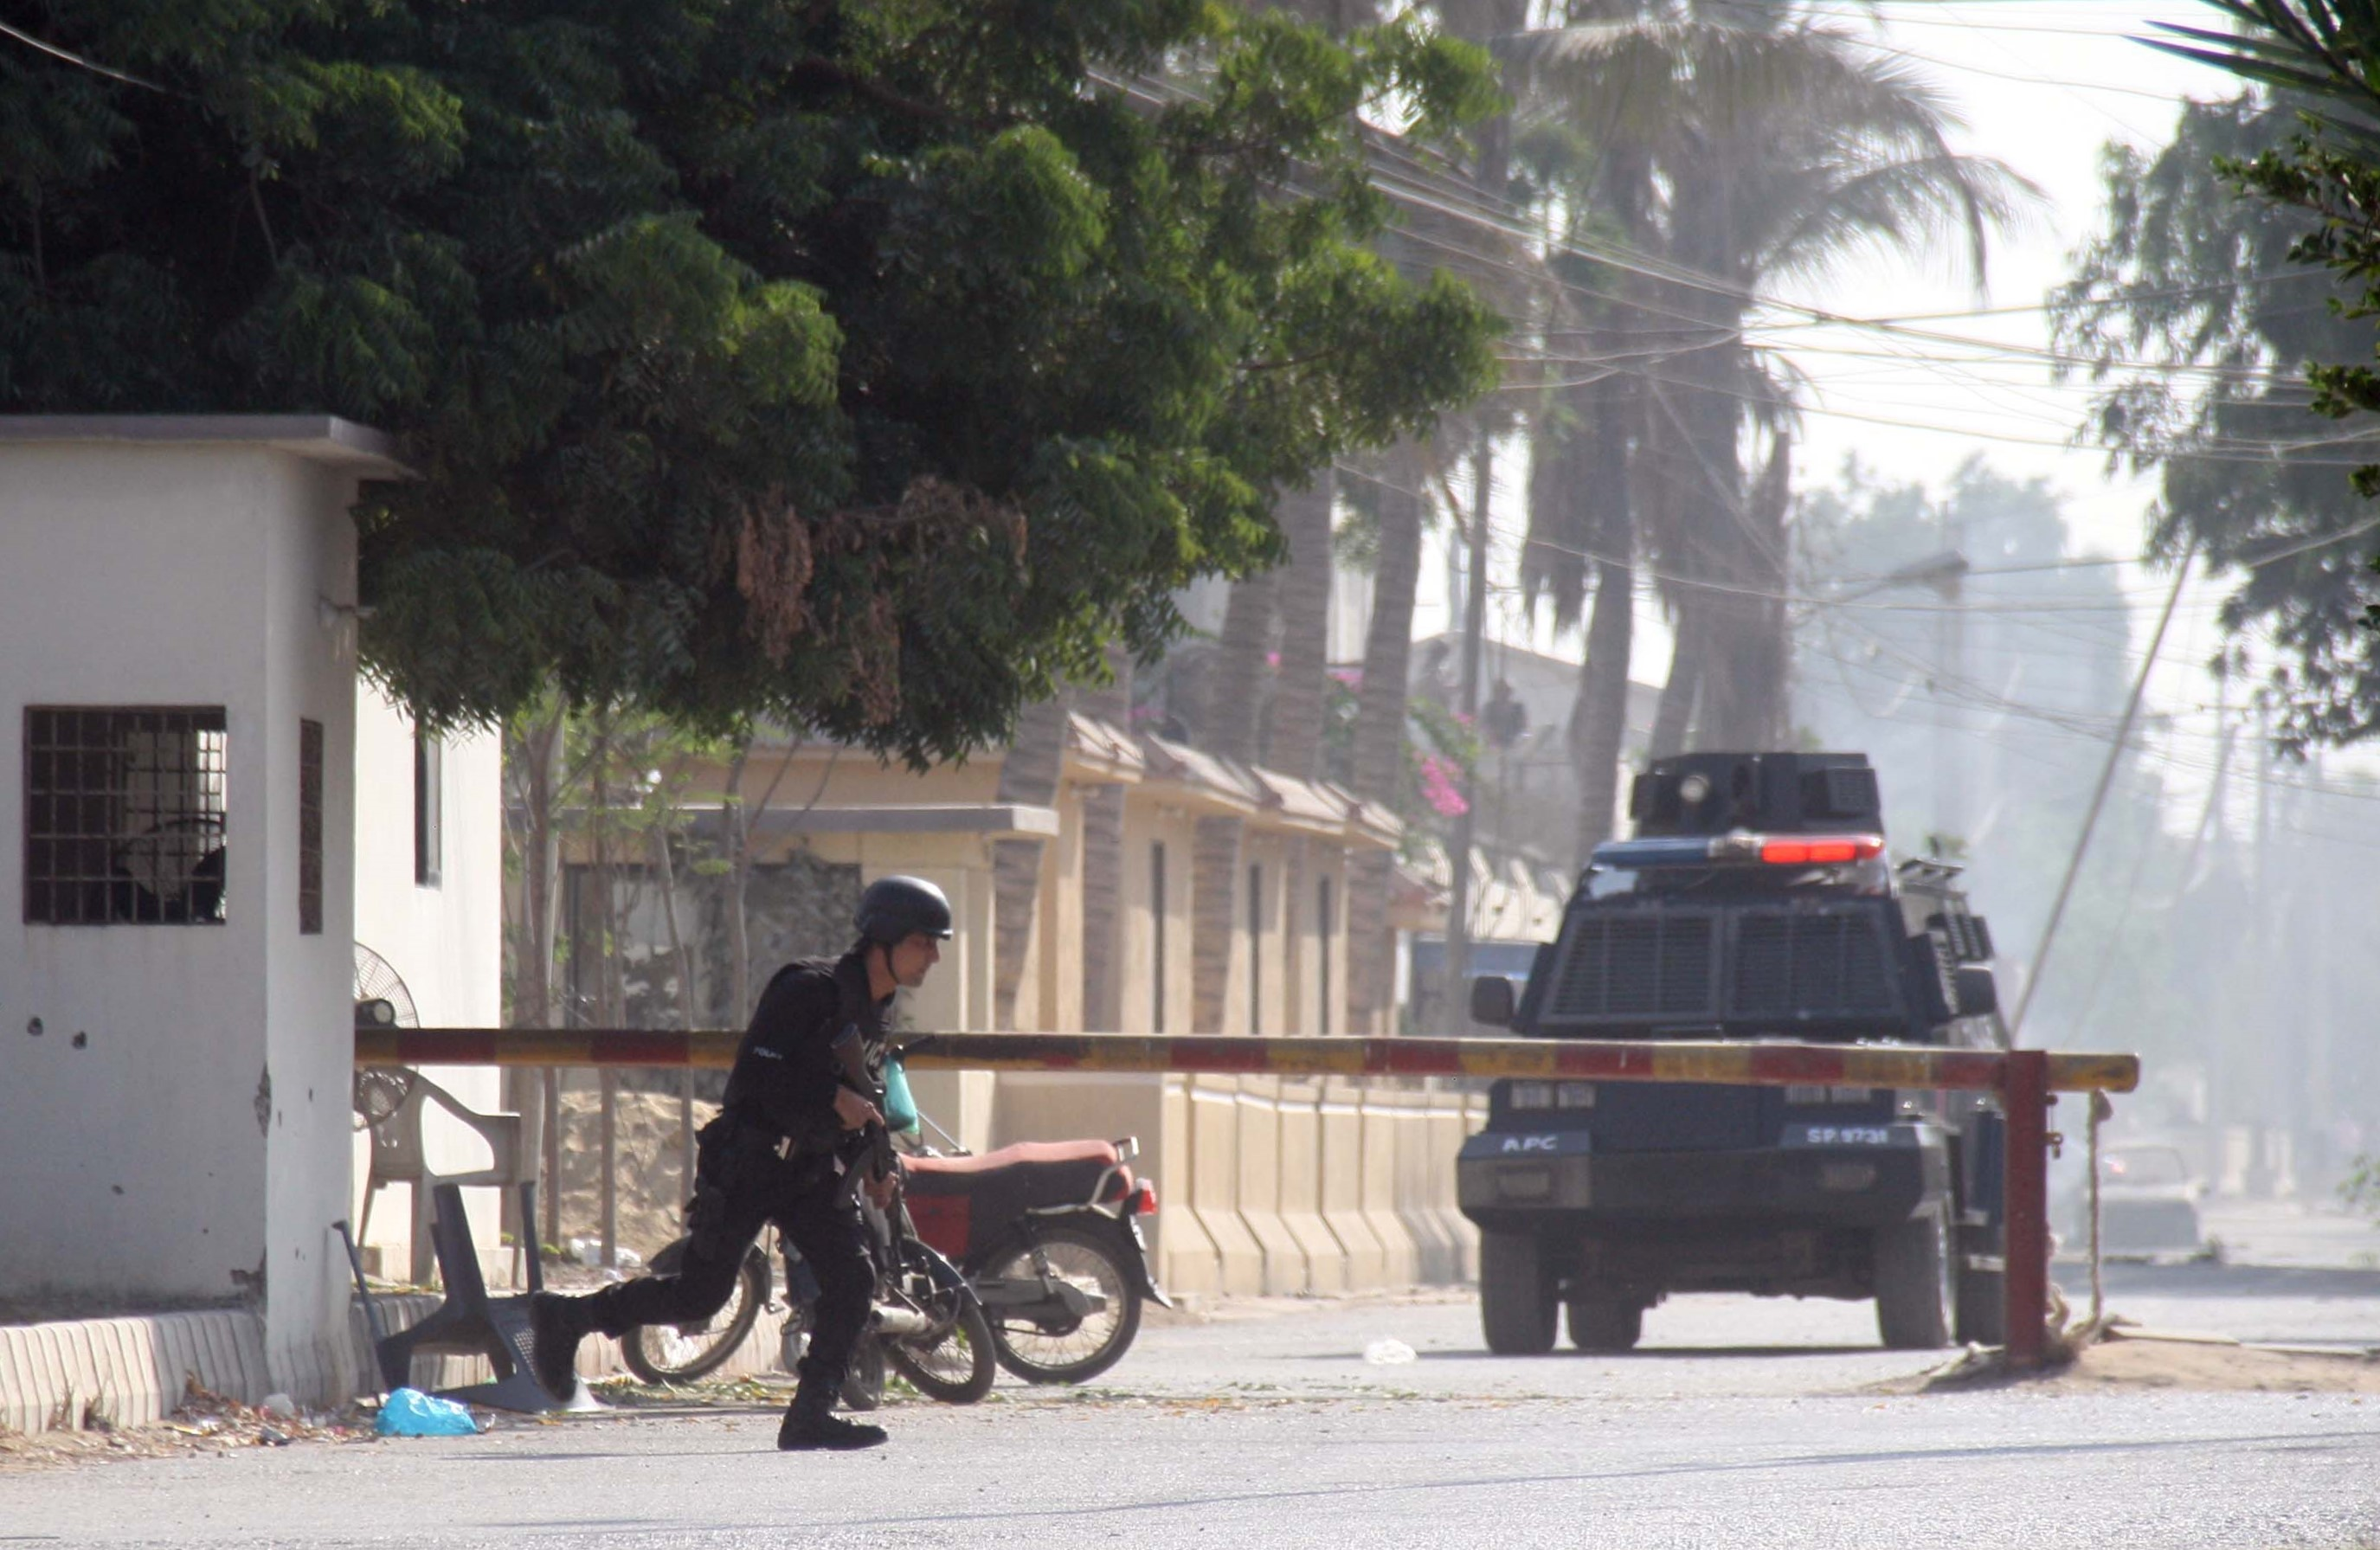 外交部强烈谴责中国驻卡拉奇总领馆遇袭事件  国务委员兼外长王毅应约同巴基斯坦外长库雷希紧急通电话